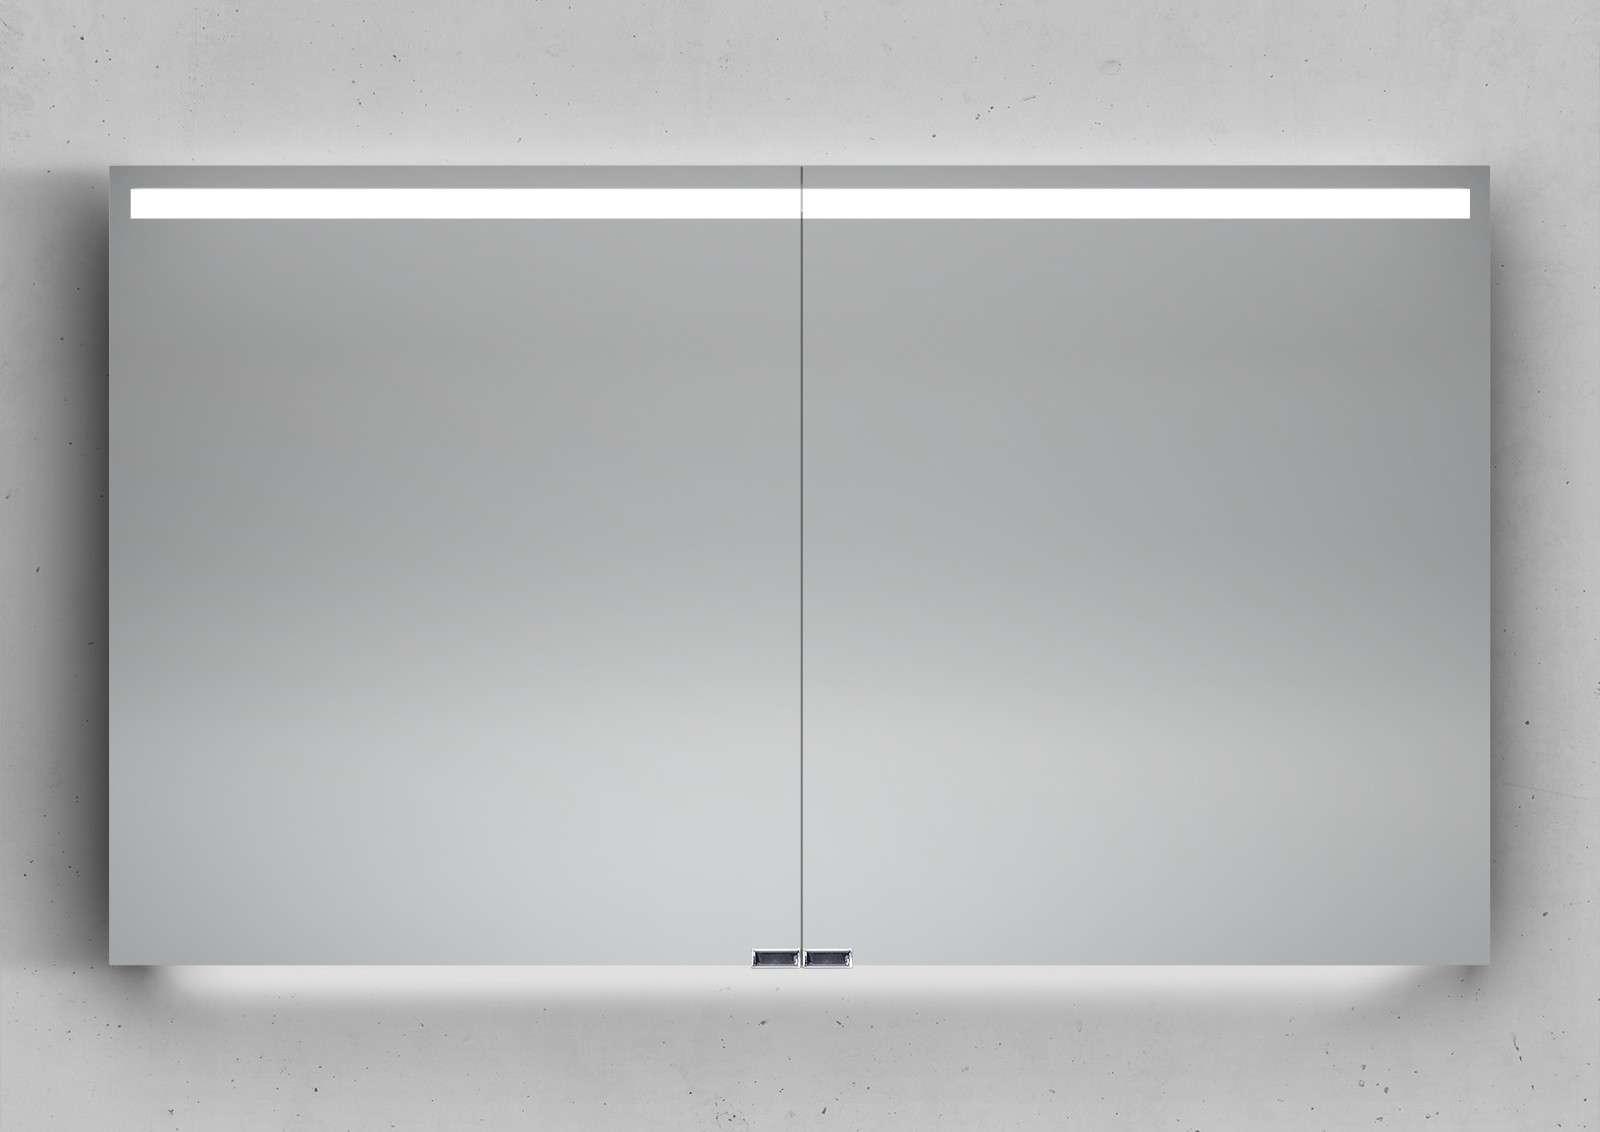 Badezimmer Spiegelschrank 50 Cm Breit